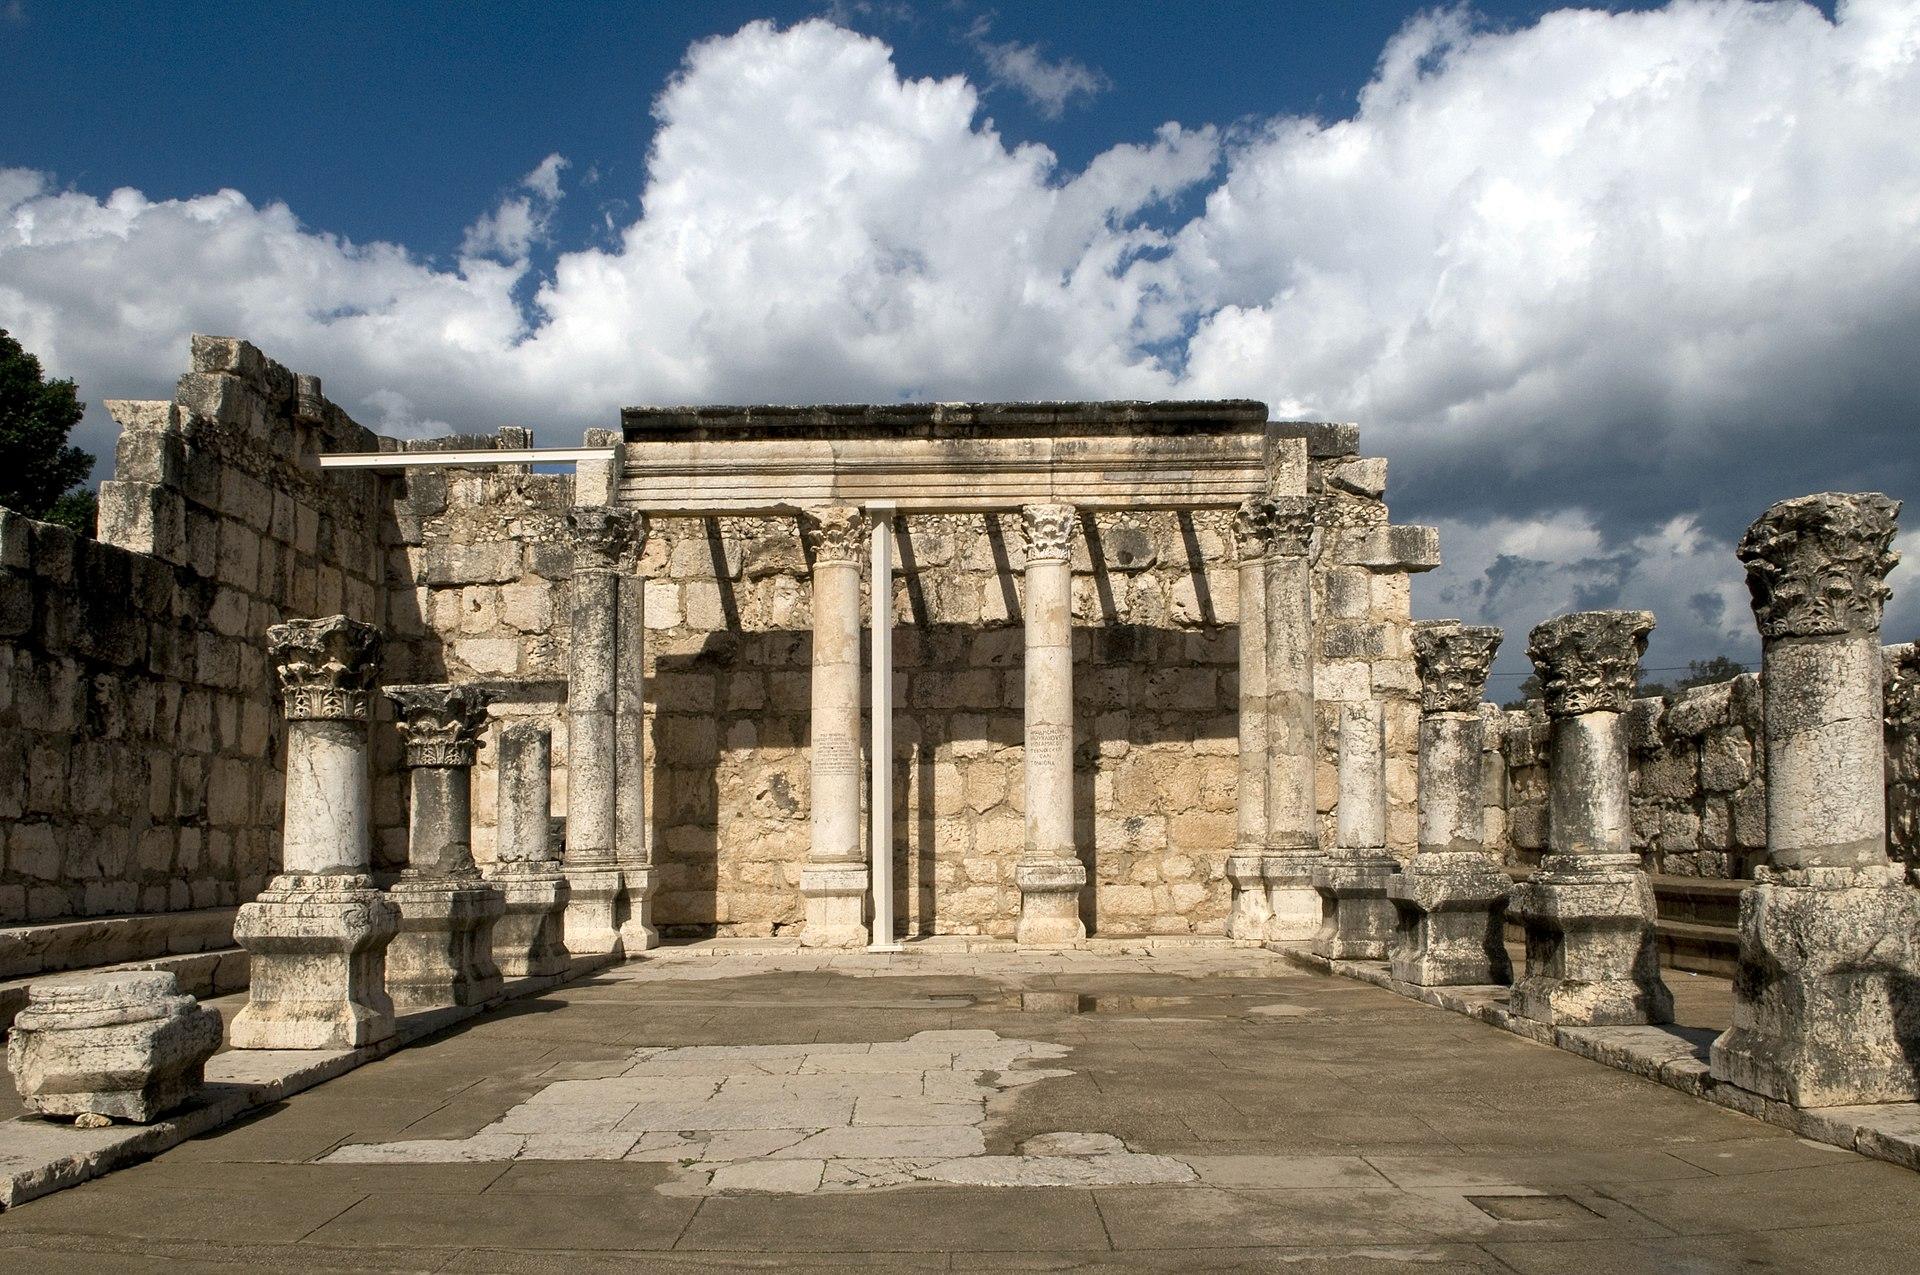 Capernaum Synagogue (wikipedia.com / UNESCO photo)